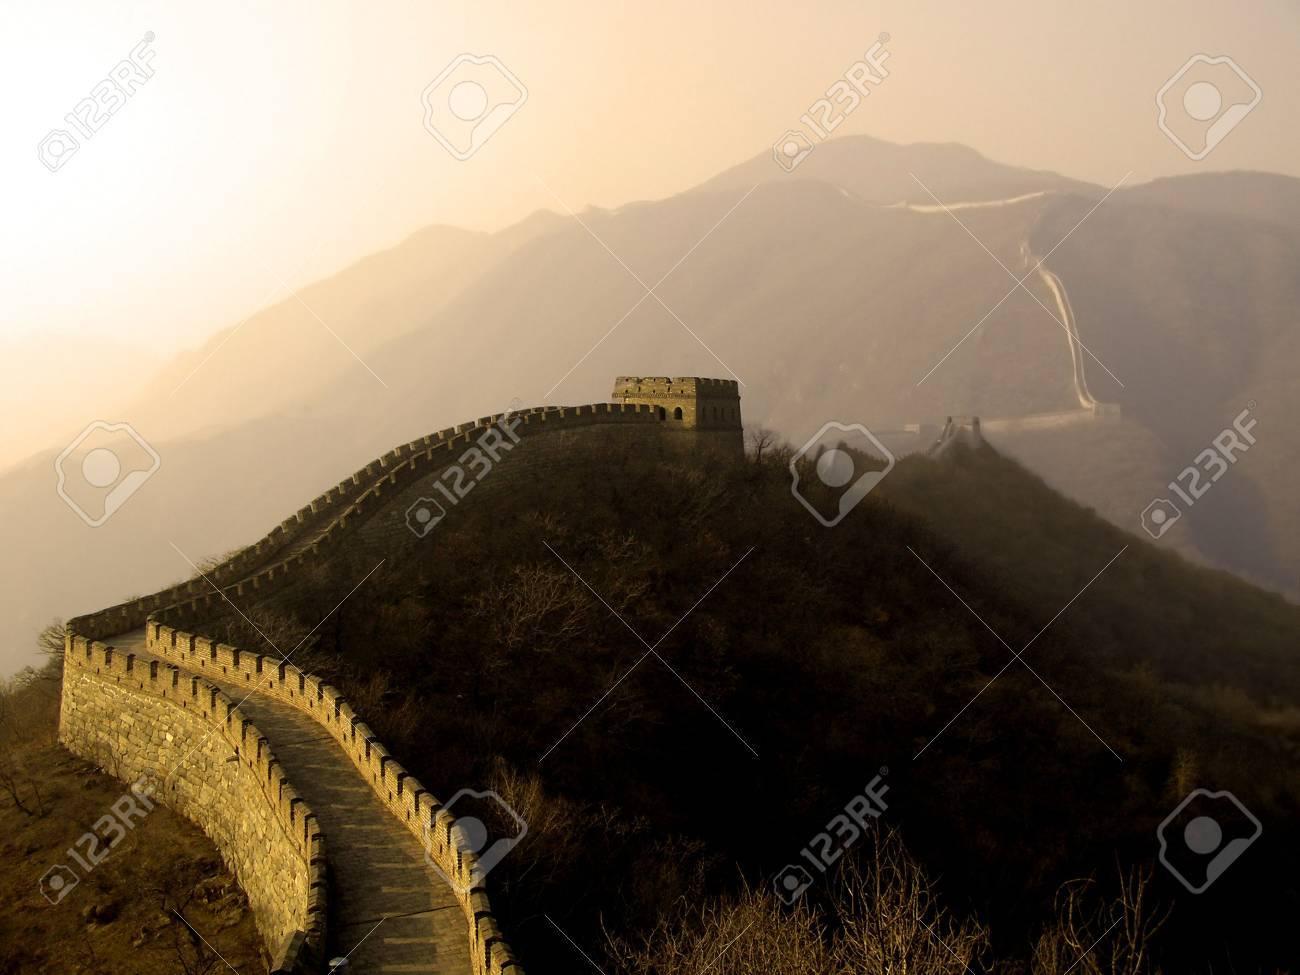 The Great Wall of China (Mu Tian Yu) under a setting sun. February 2007 Stock Photo - 799049